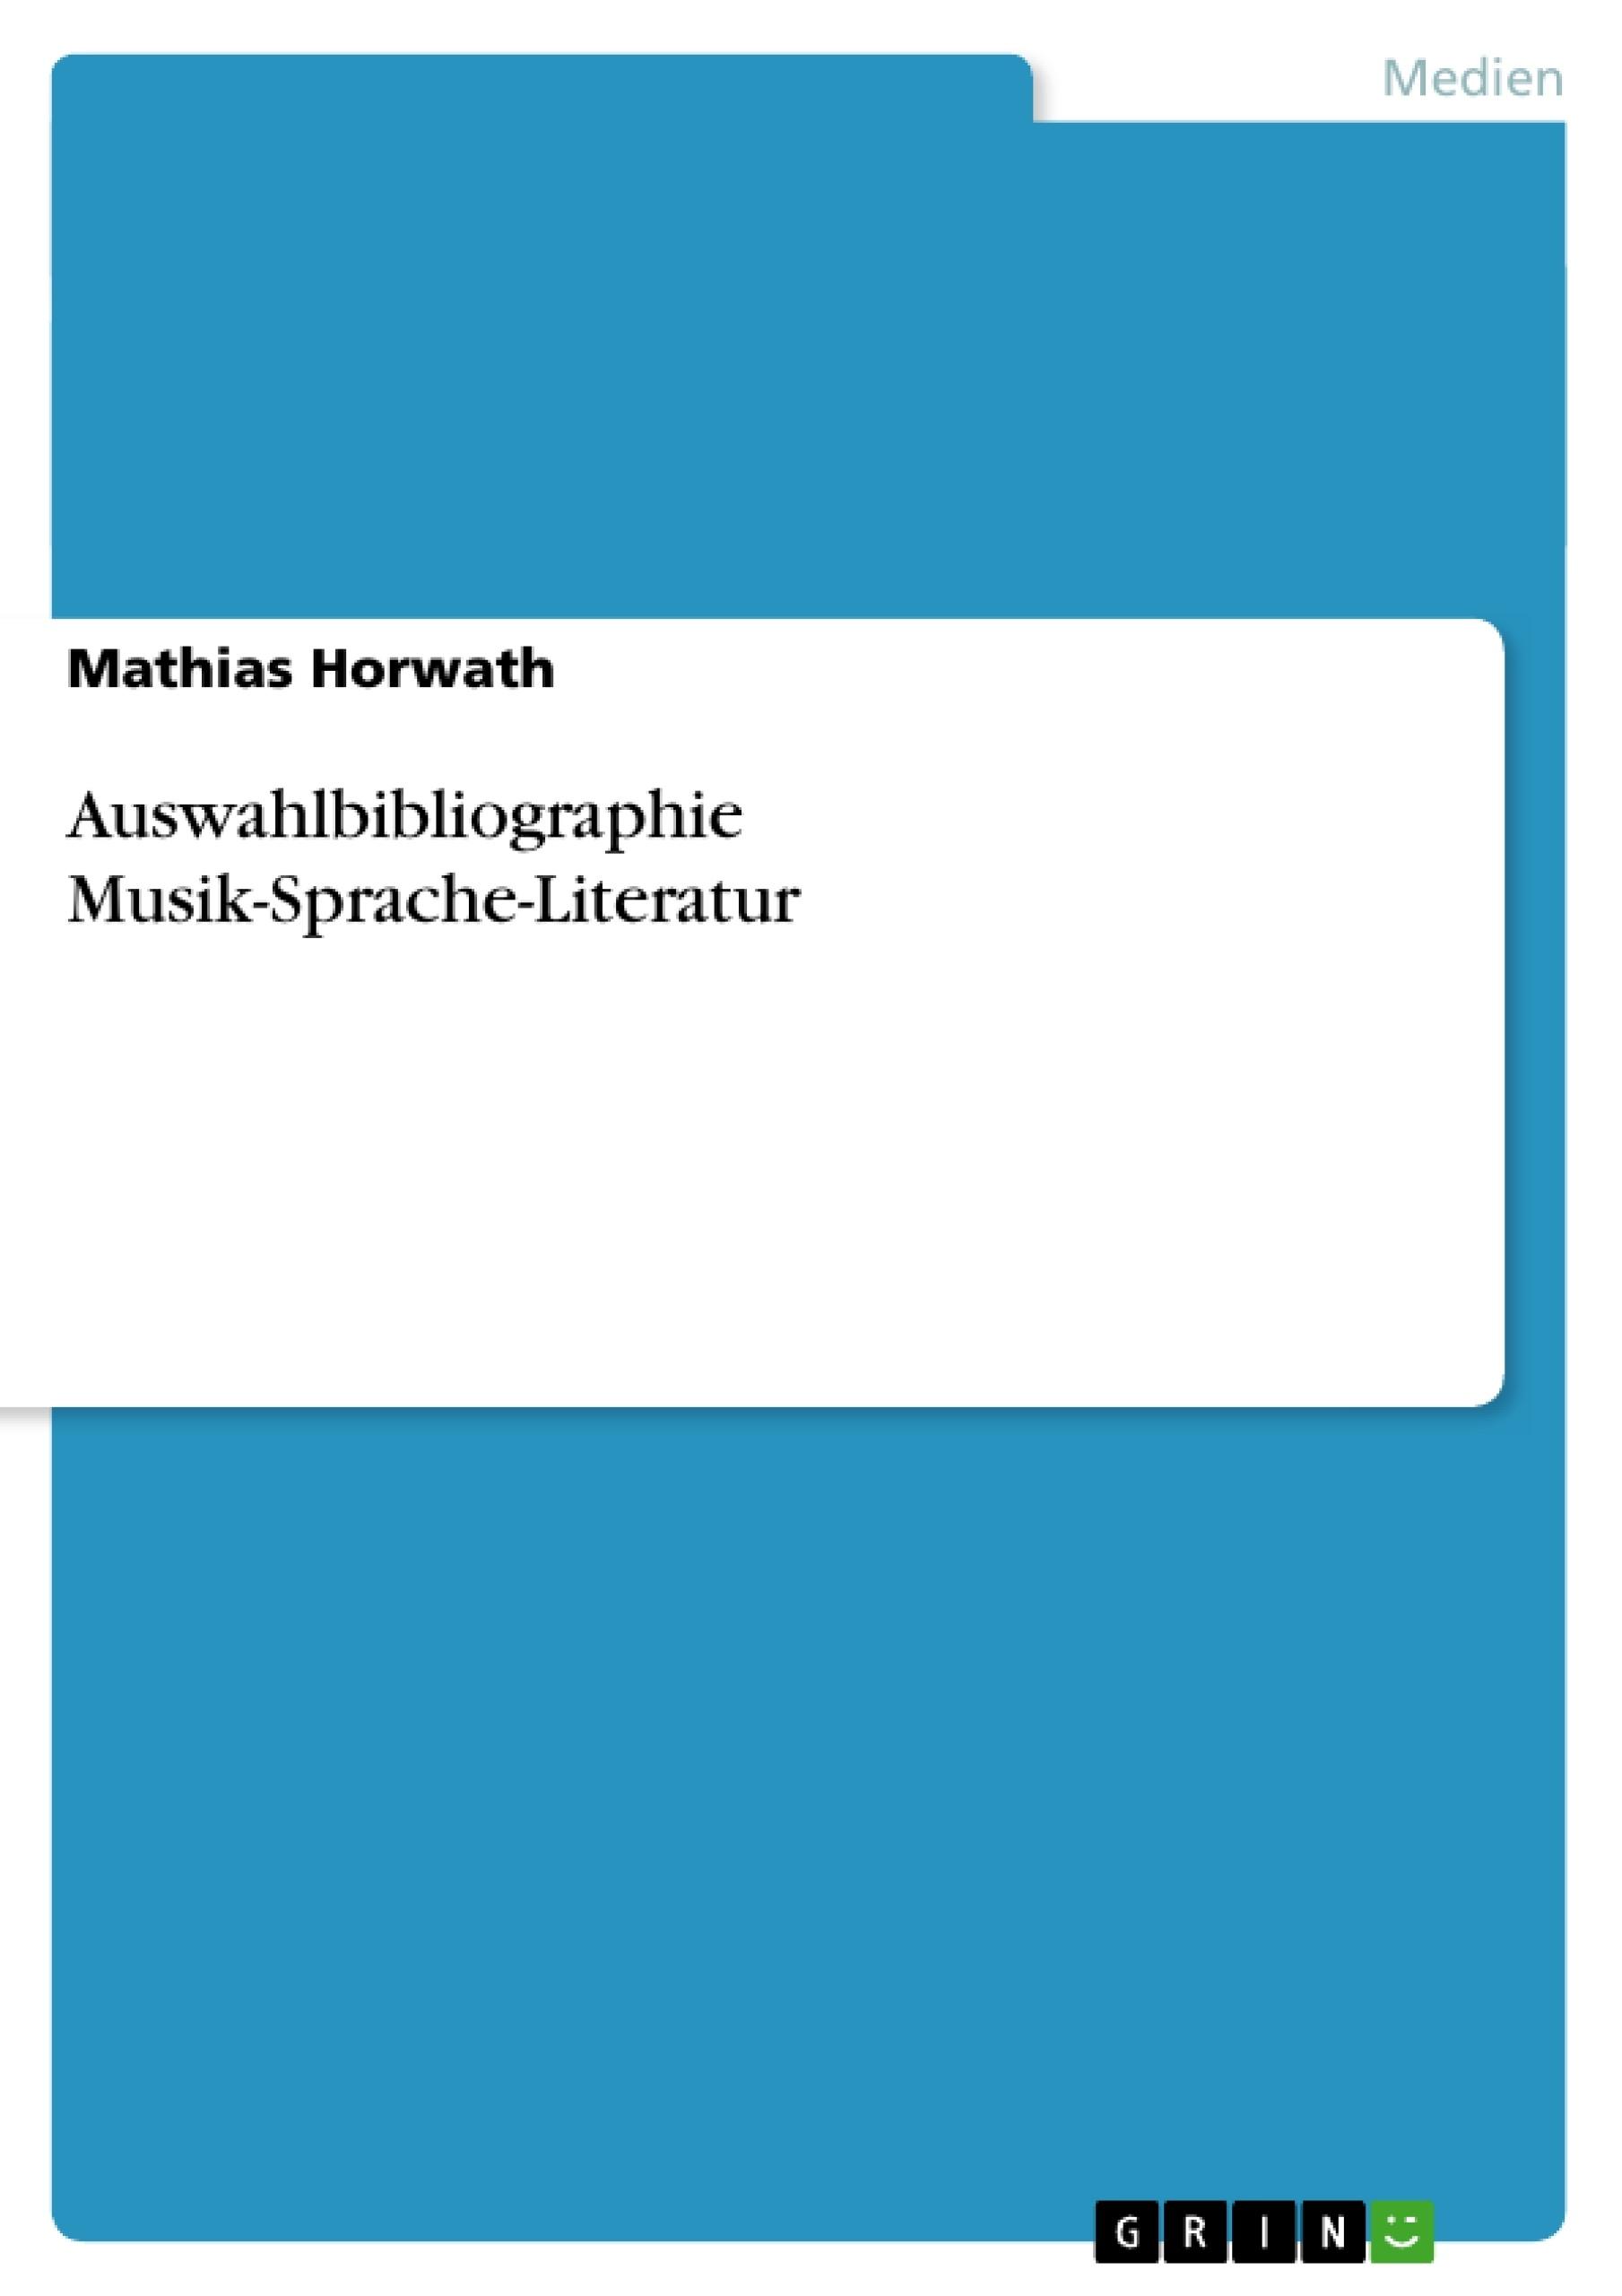 Titel: Auswahlbibliographie Musik-Sprache-Literatur